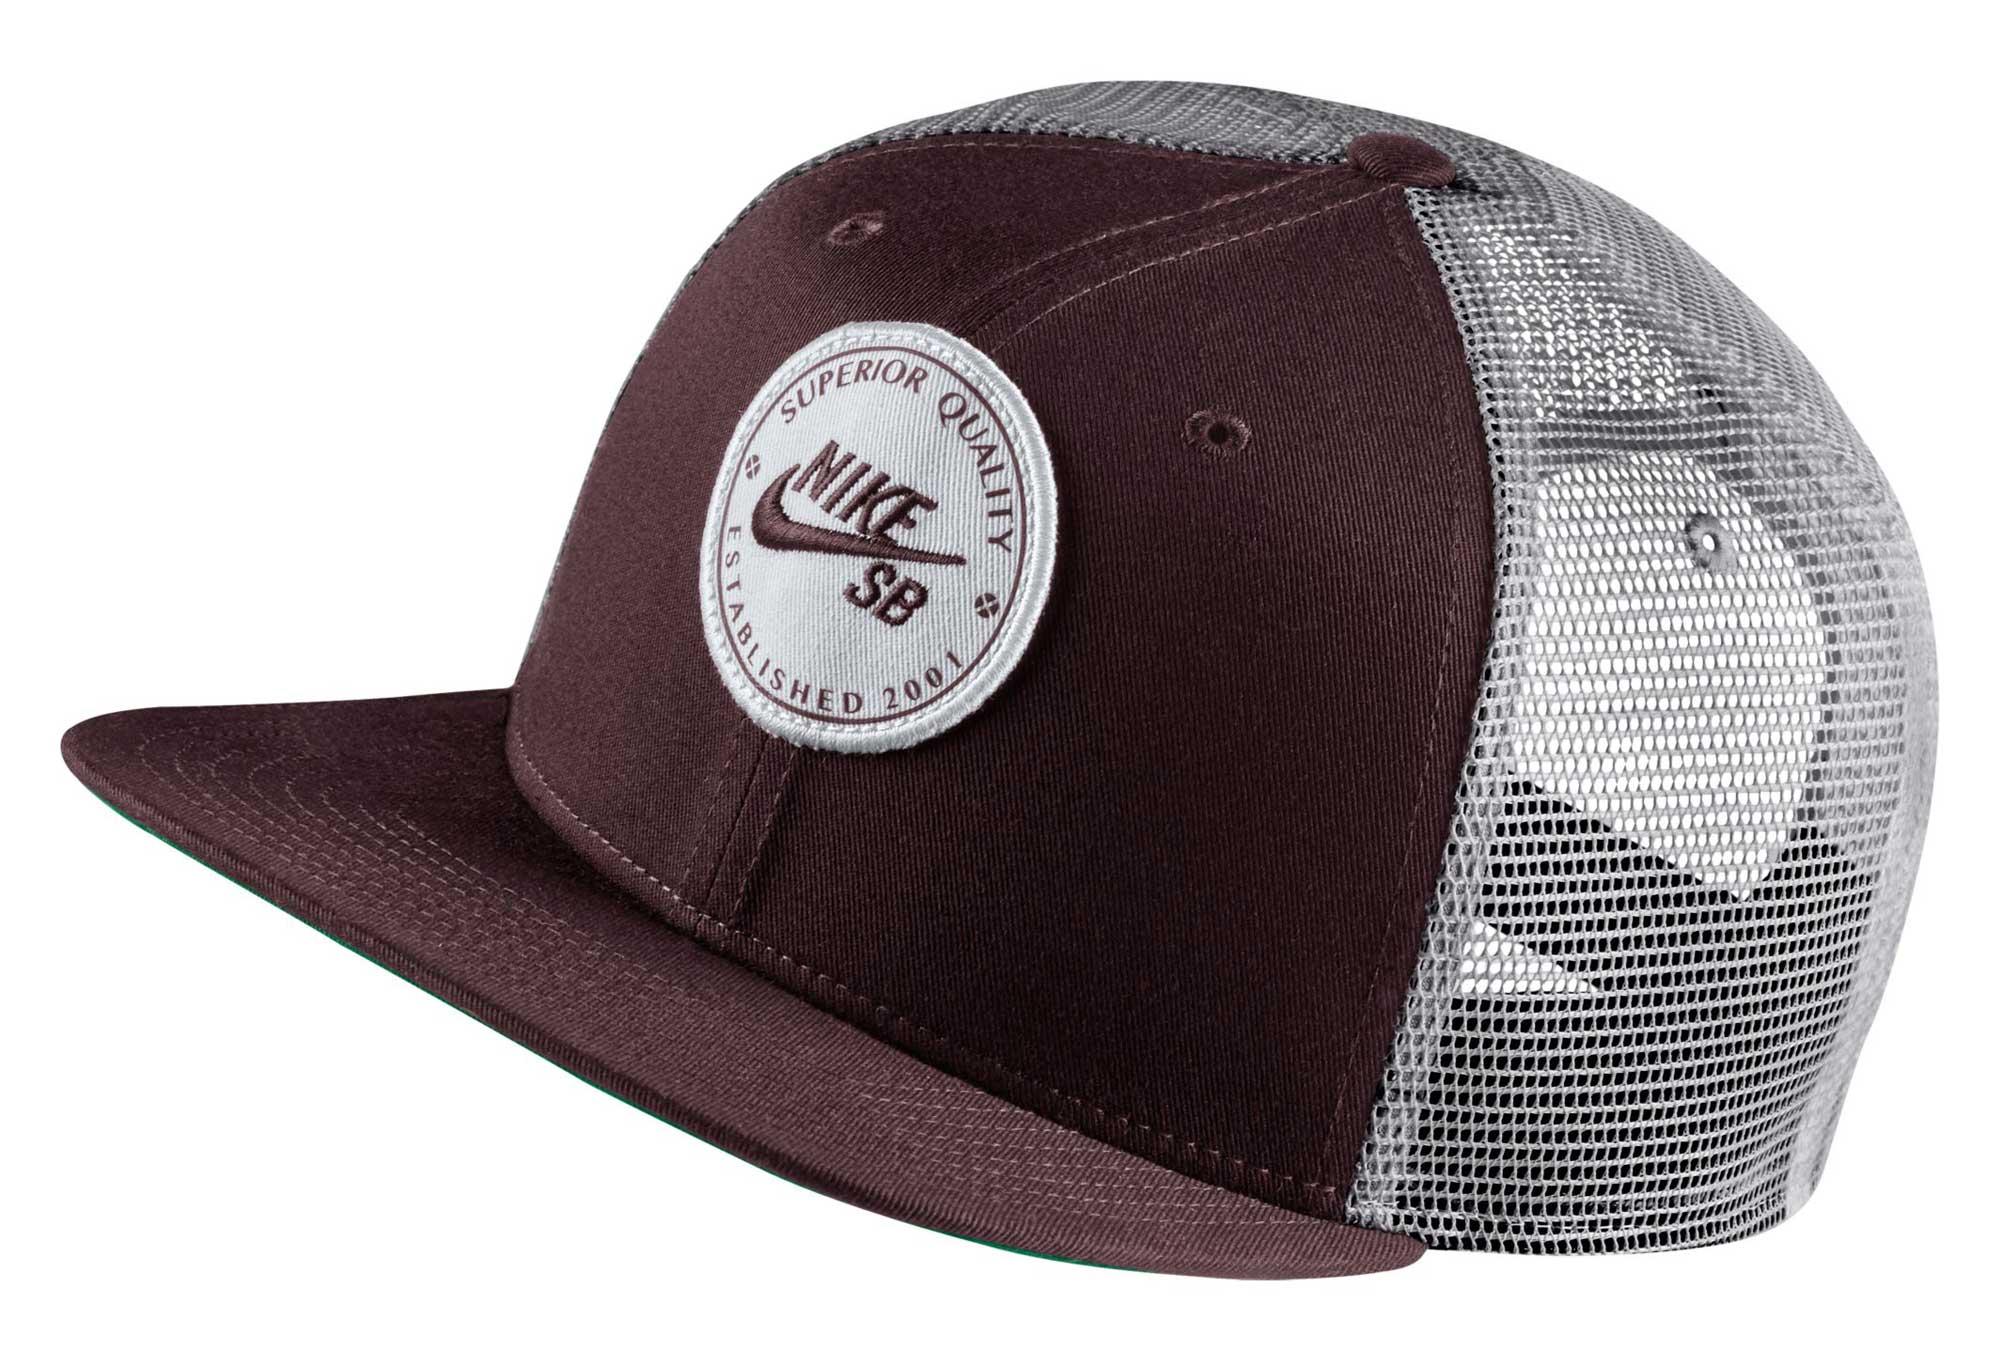 Nike SB Trucker Hat Cap Burgundy Crush Gunsmoke  4c2a851b0e7